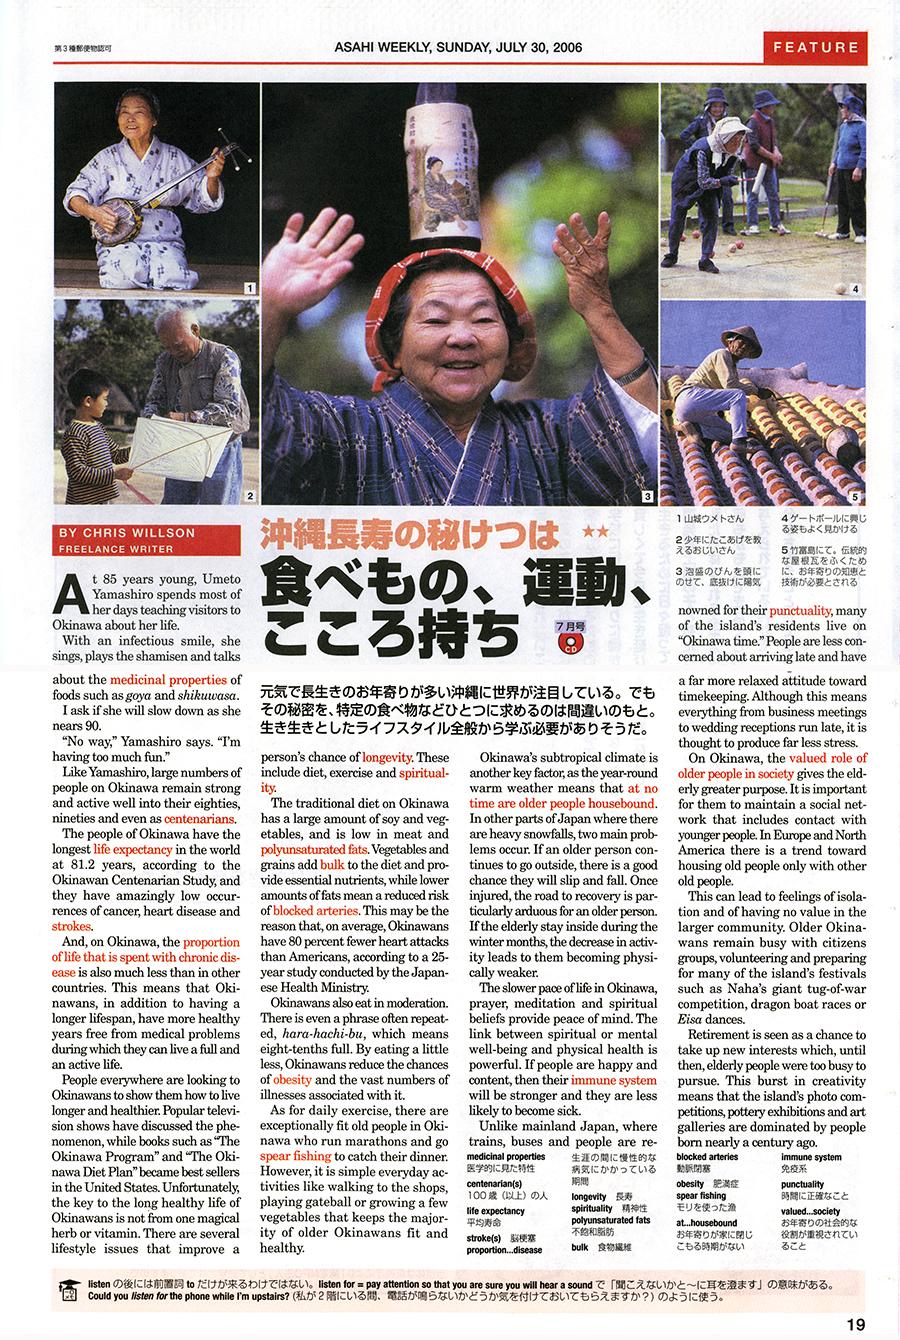 Asahi Weekly - Longevity A & B 900